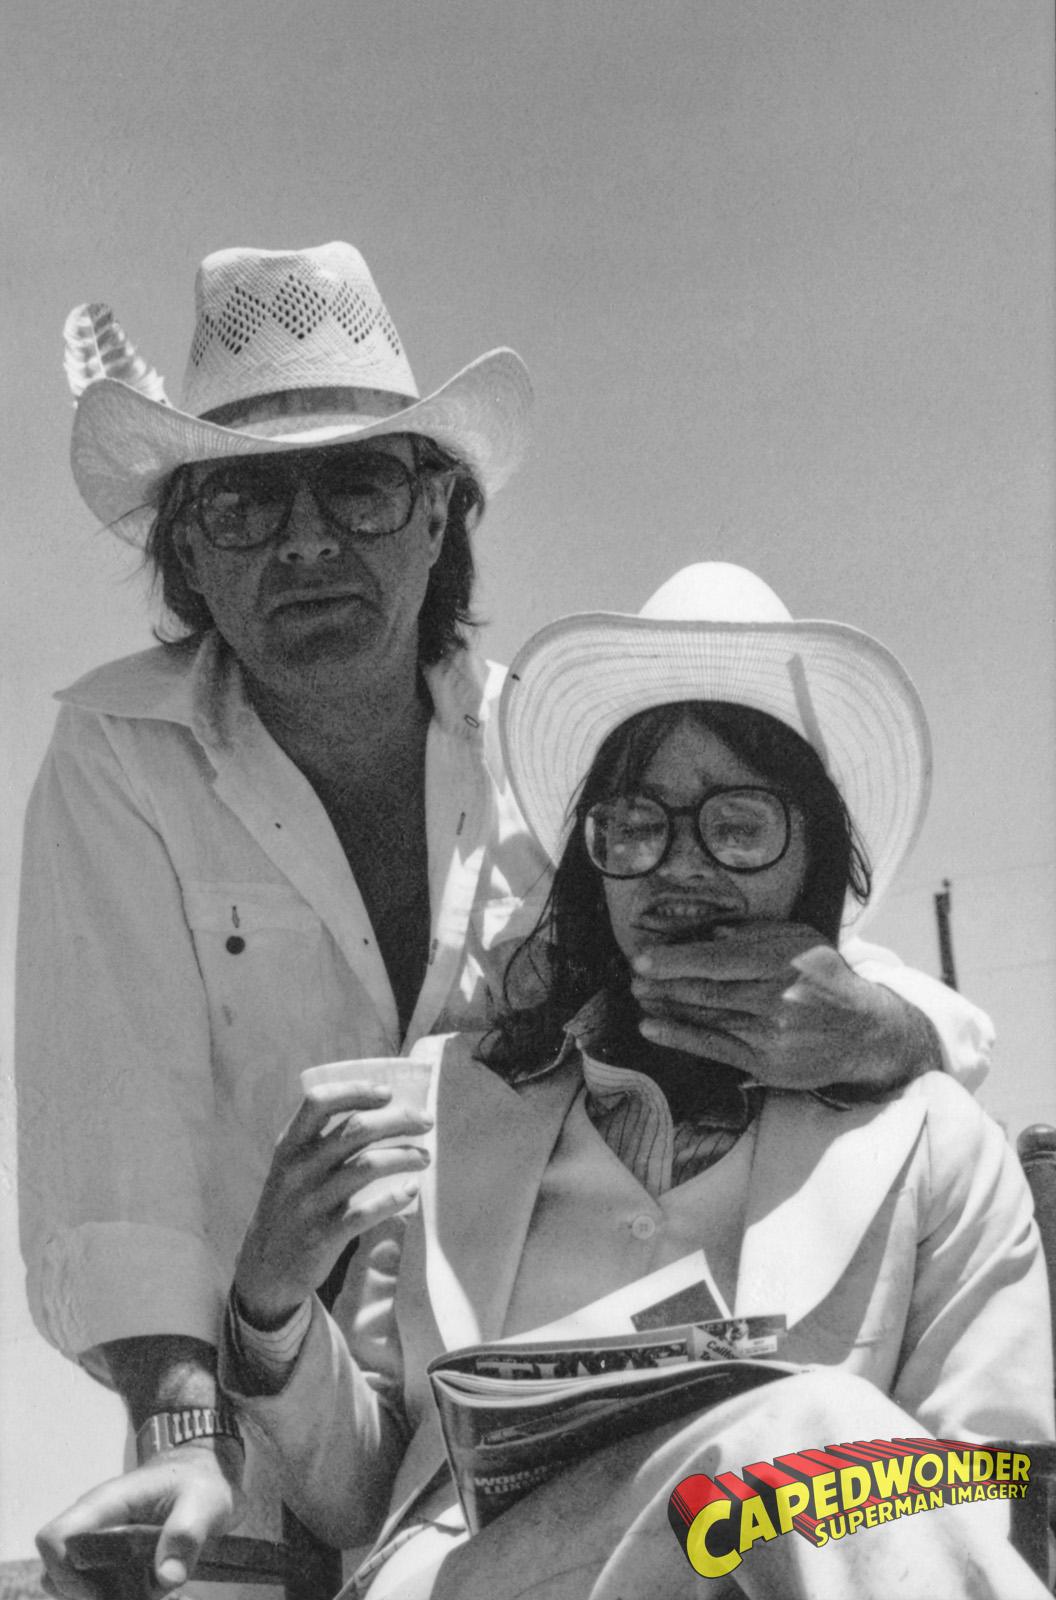 CW-STM-Donner-Kidder-hats-Gallup-June-1978